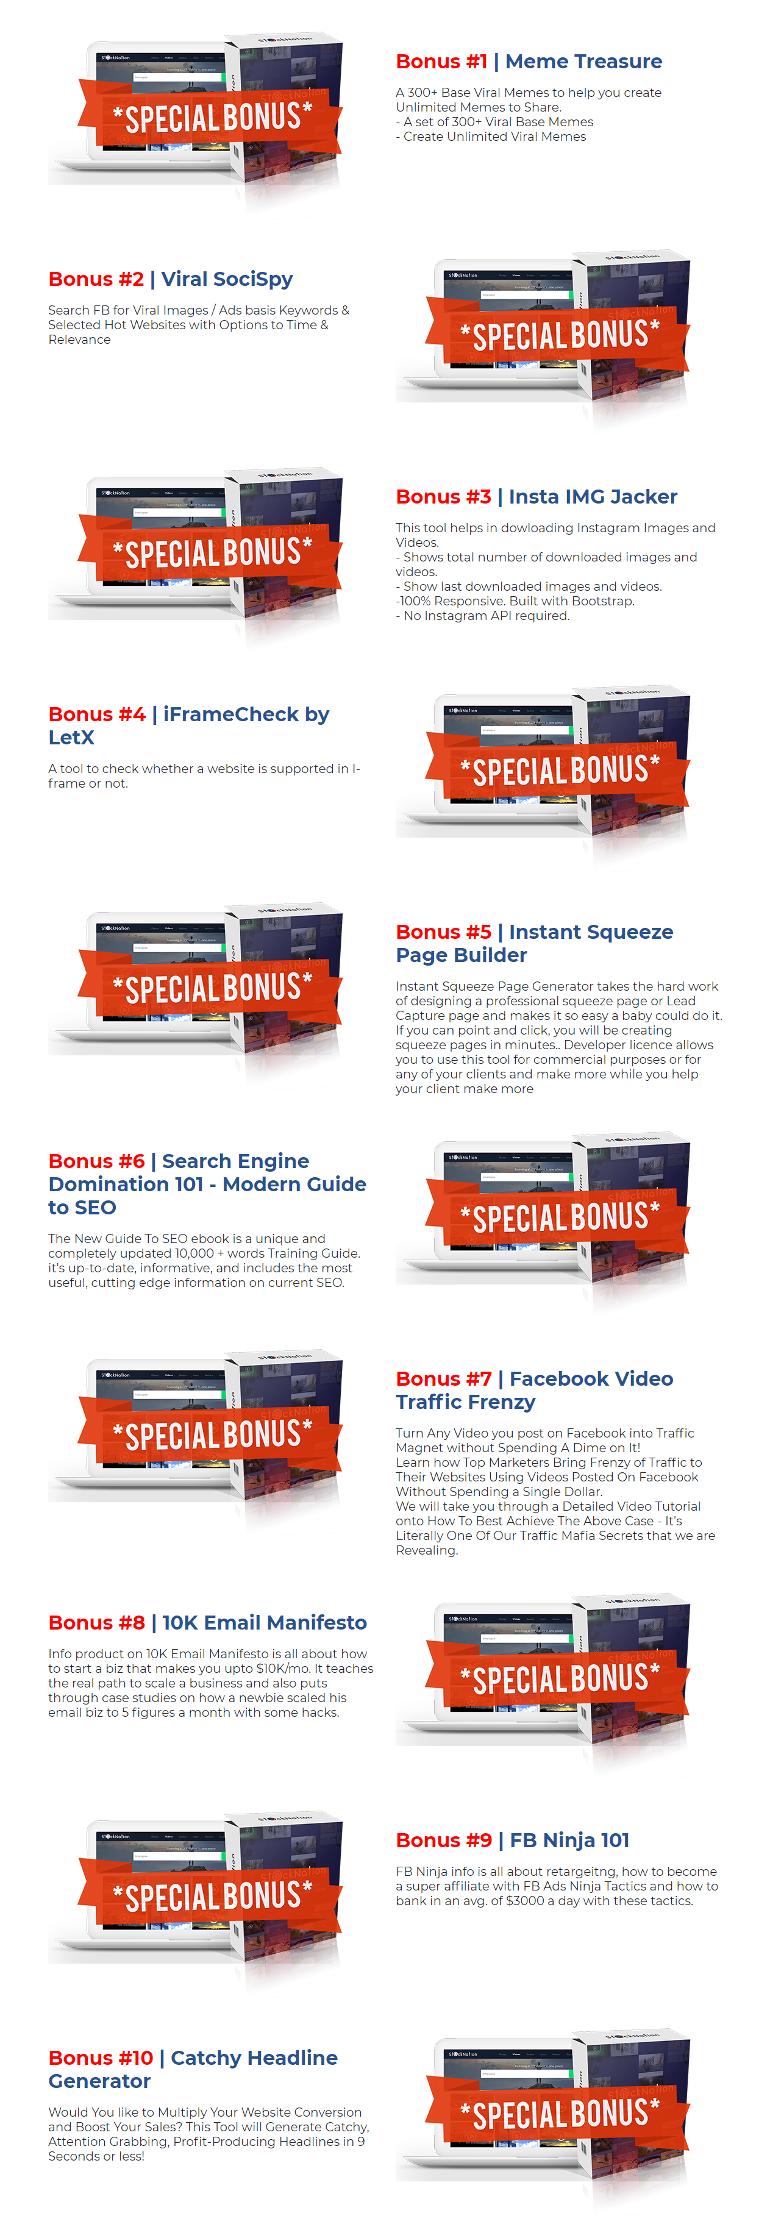 StockNation Bonuses